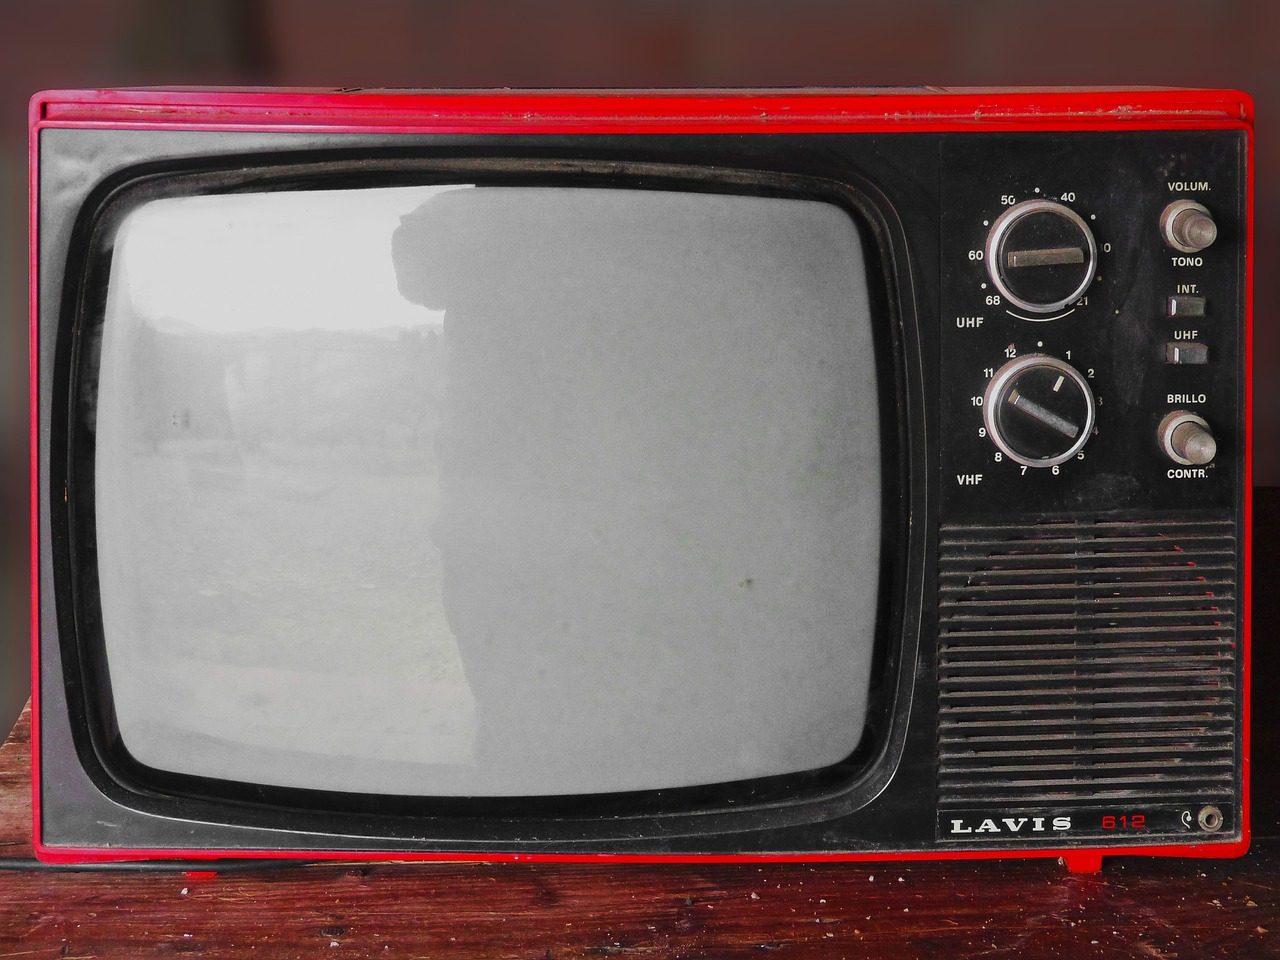 IMAGEM: Exclusivo: contrato da TV Escola com Brasil Paralelo é de três anos